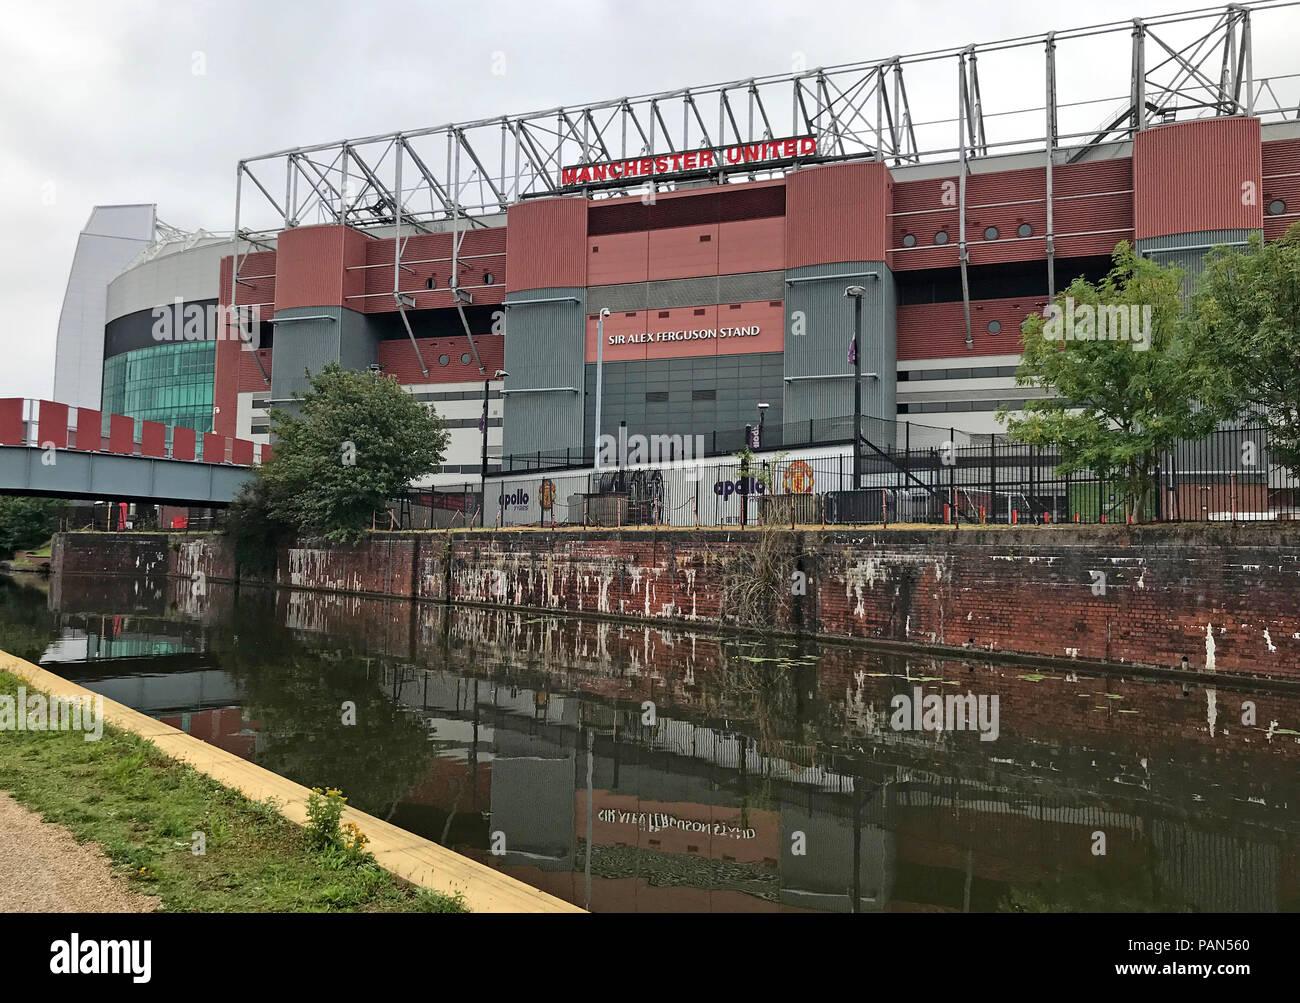 Laden Sie dieses Alamy Stockfoto Manchester United Football Club, MUFC, Alex Ferguson stehen, vom Canal, Stretford, Manchester, North West England, Großbritannien - PAN560